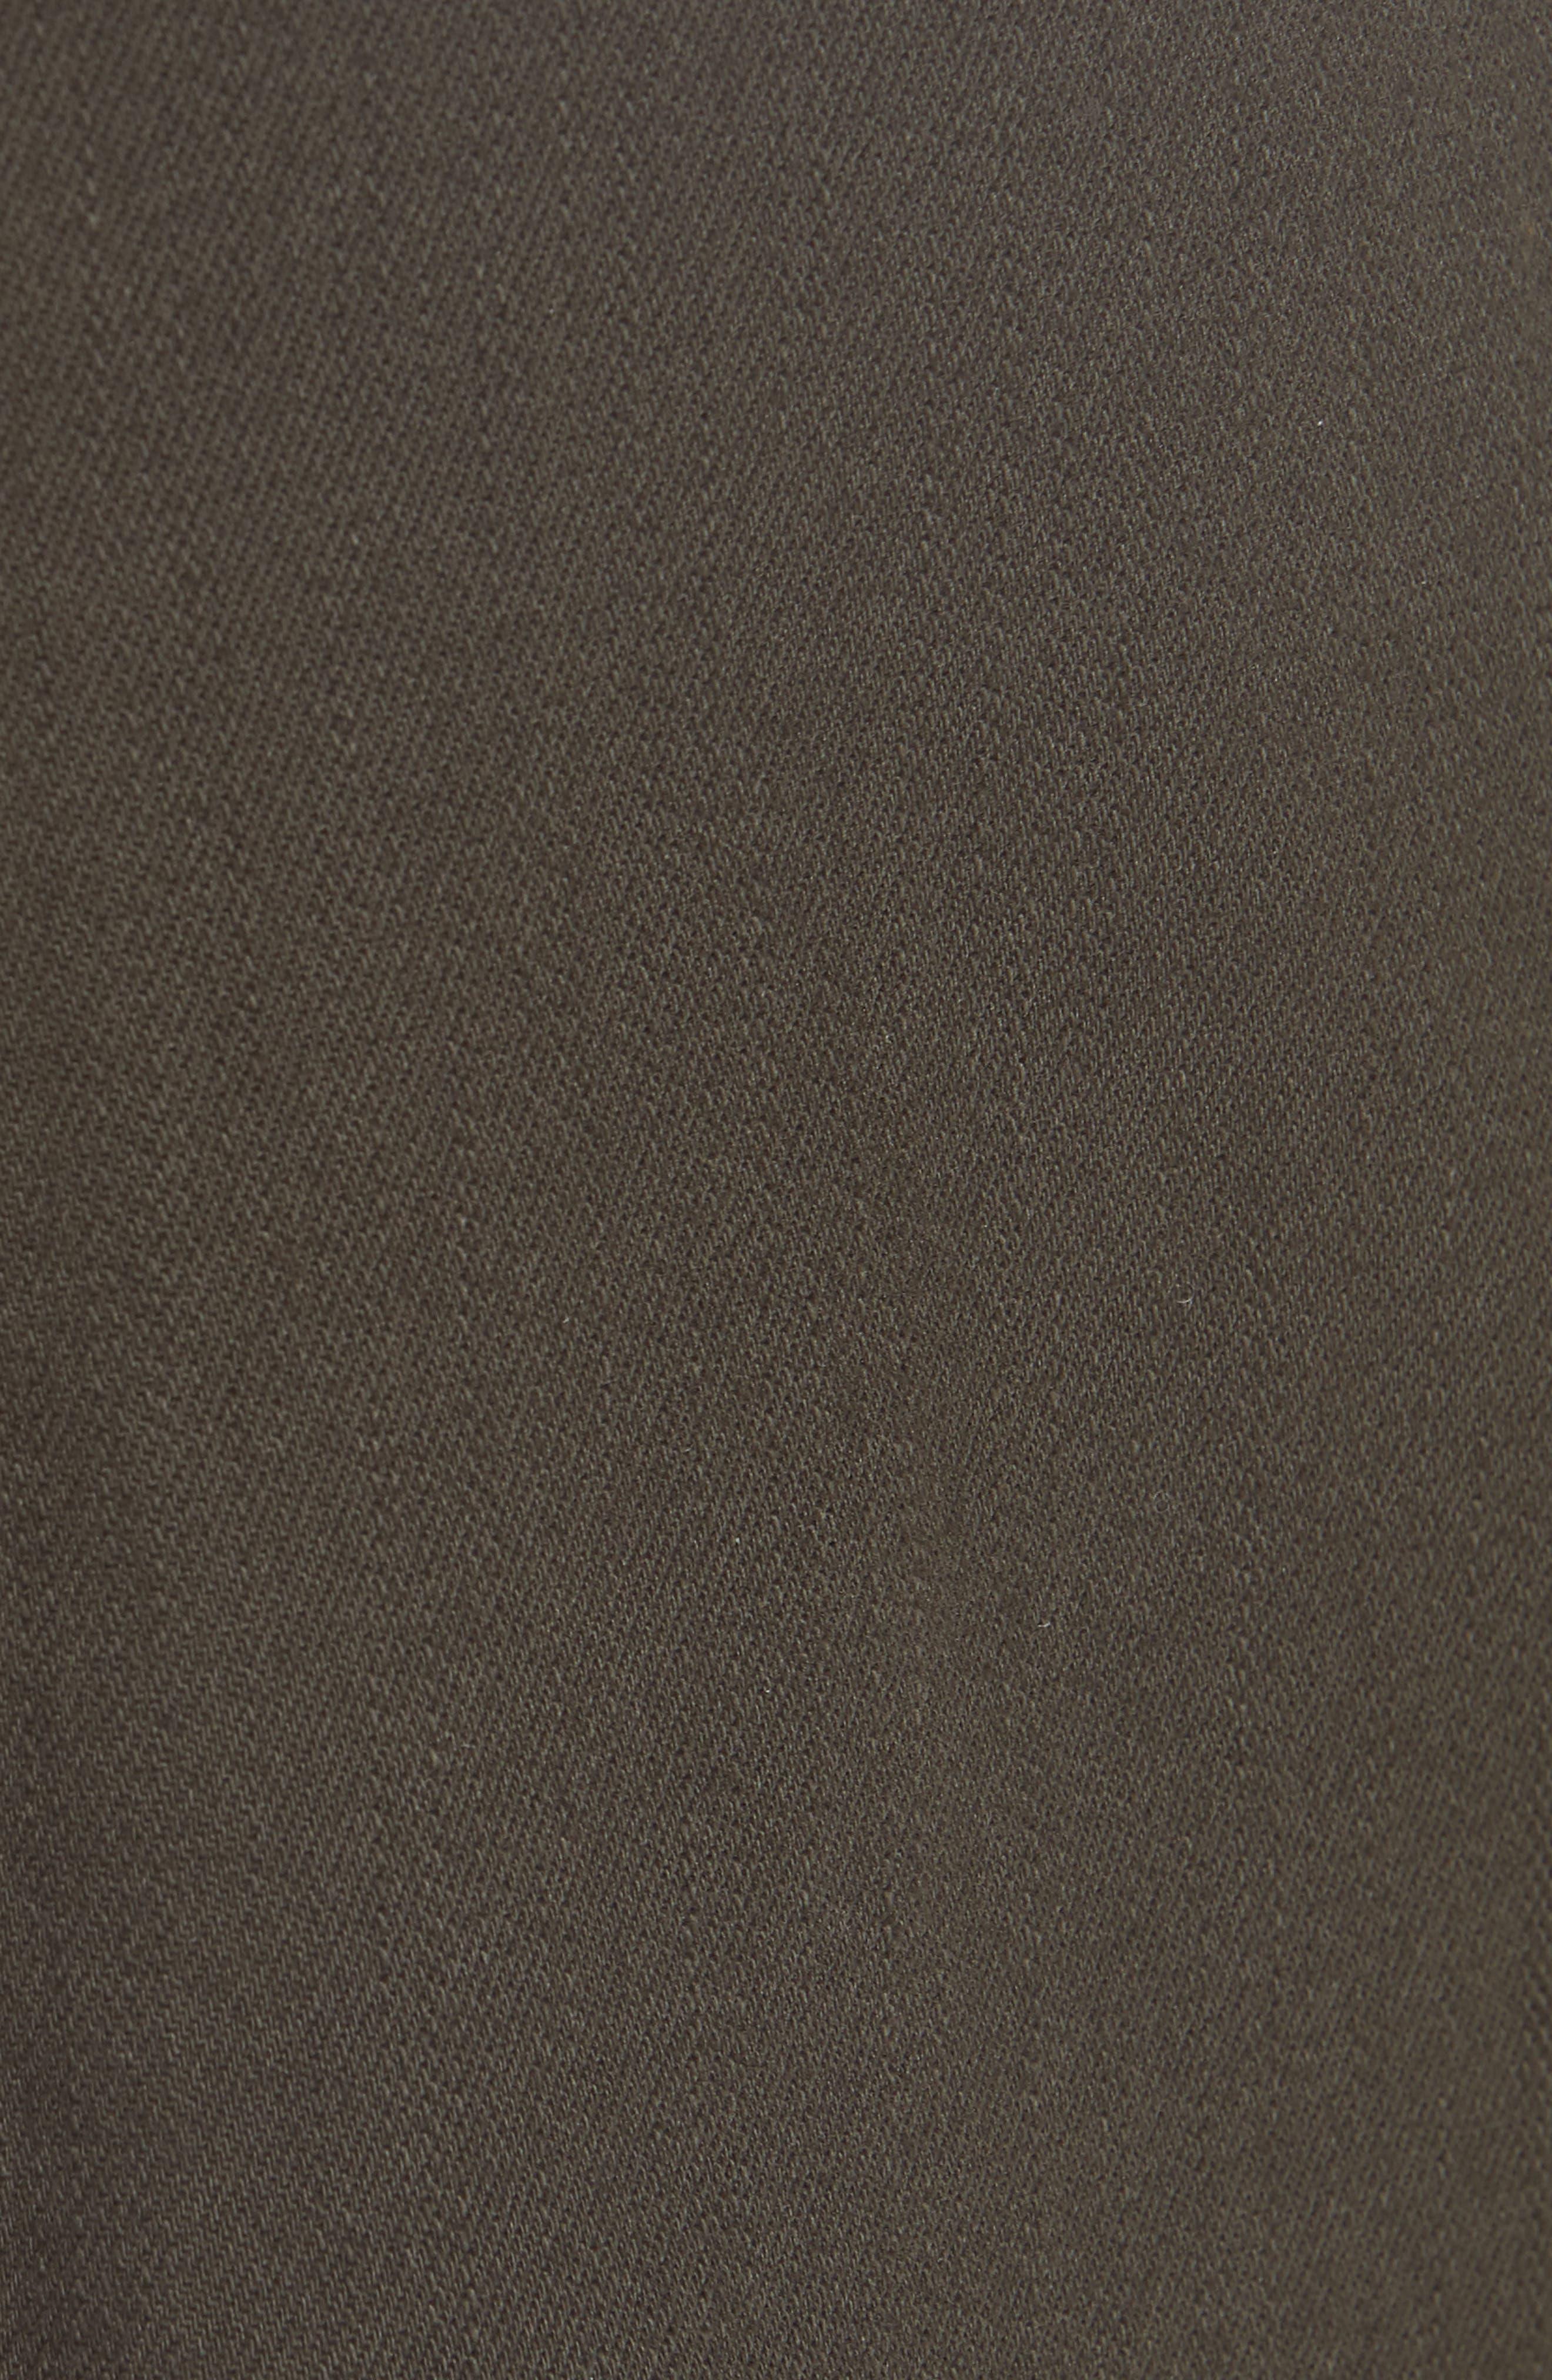 Carmine High Waist Wide Leg Crop Jeans,                             Alternate thumbnail 5, color,                             COMBAT